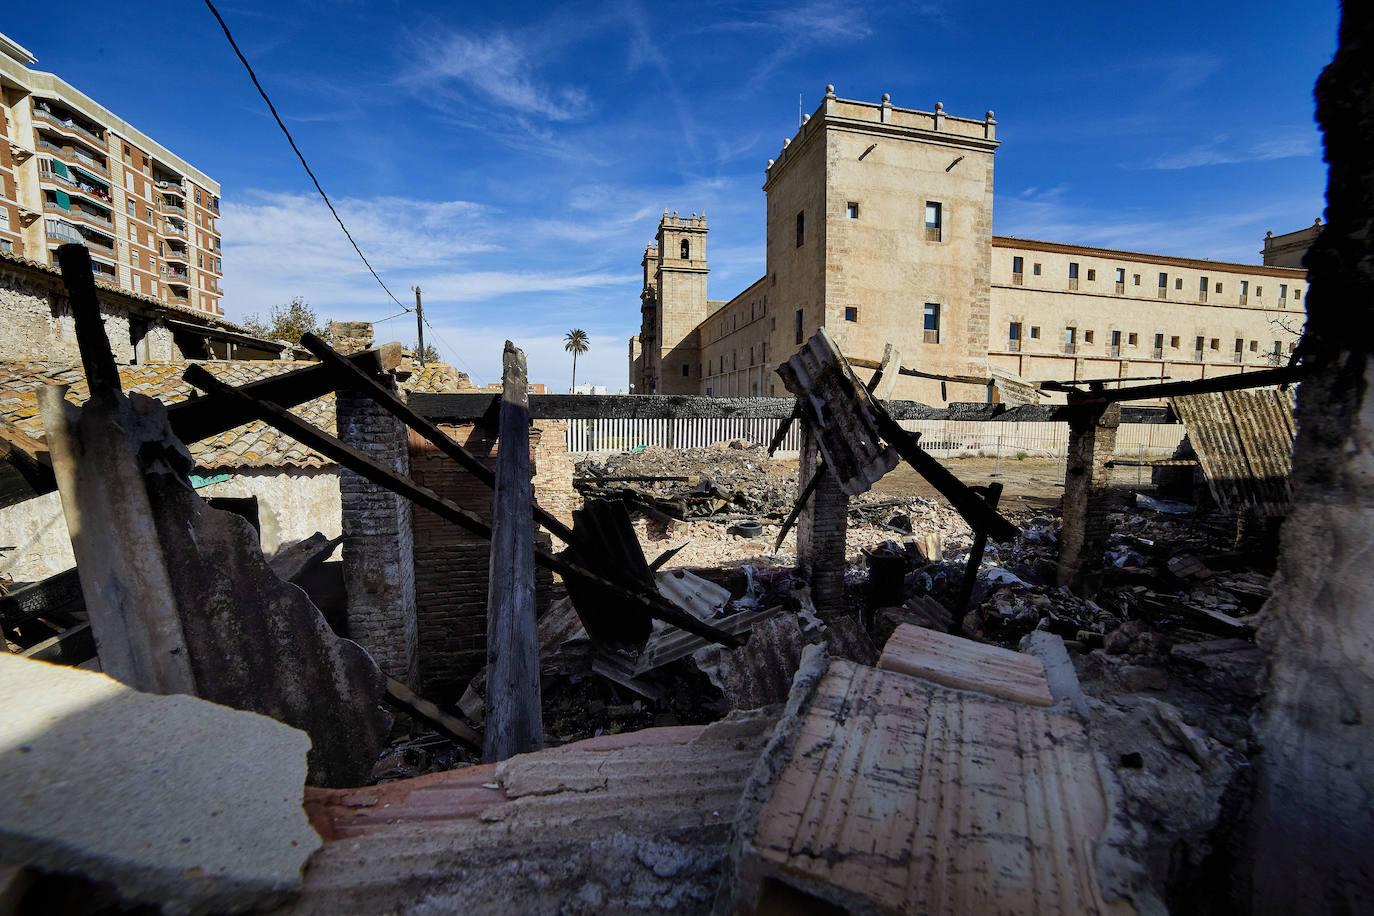 La ruina rodea San Miguel de los Reyes